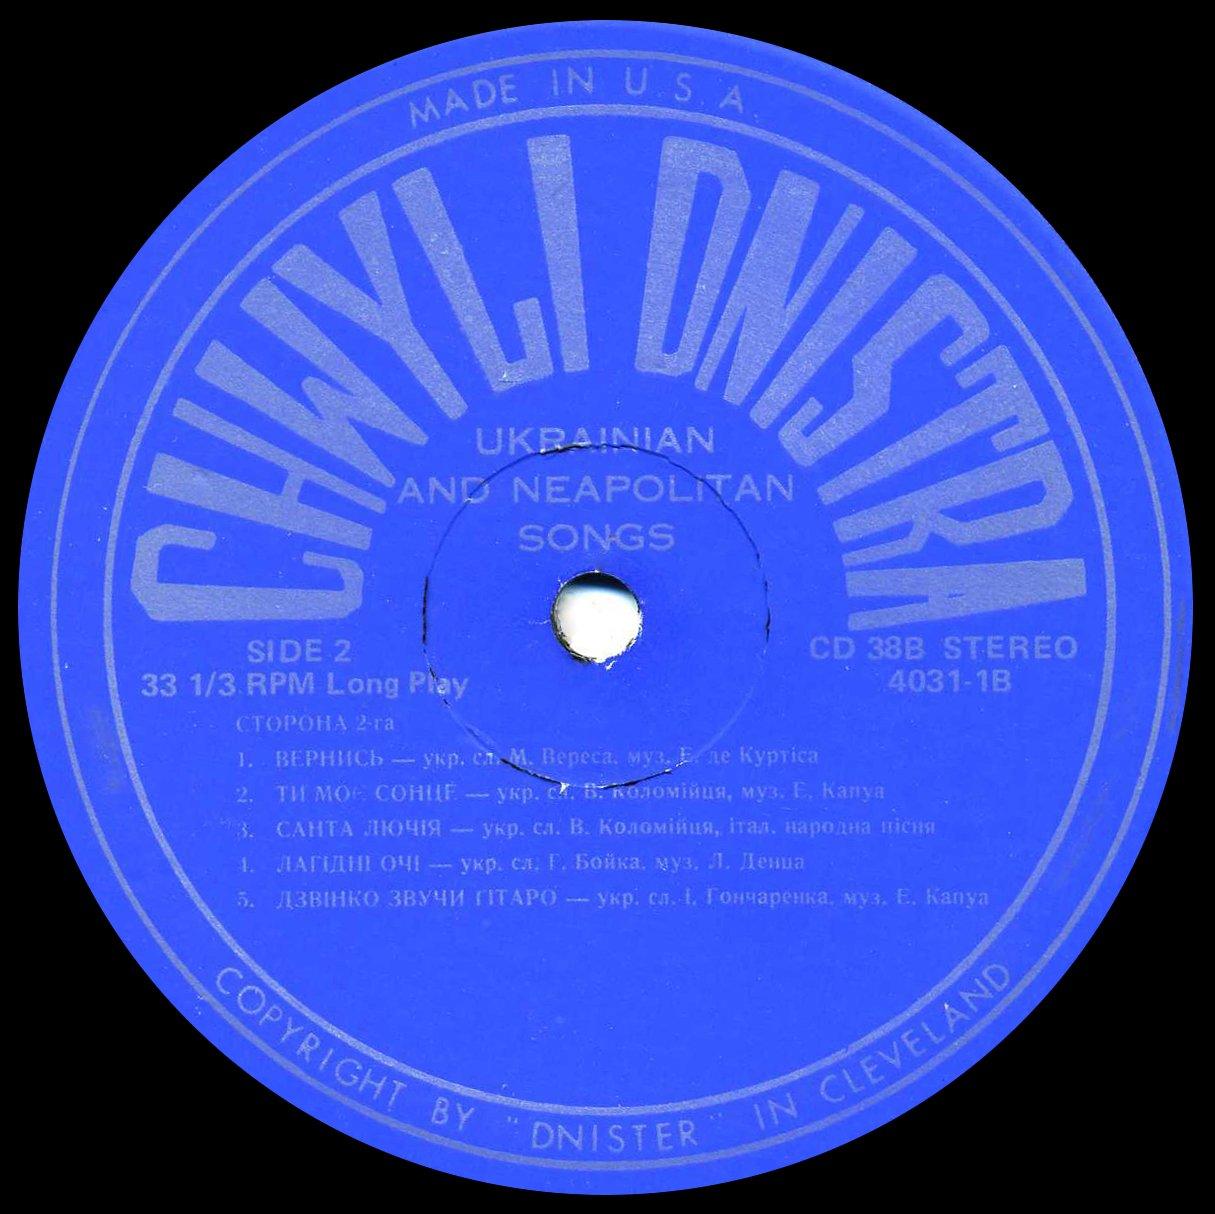 Chwyli Dnistra – CD-38